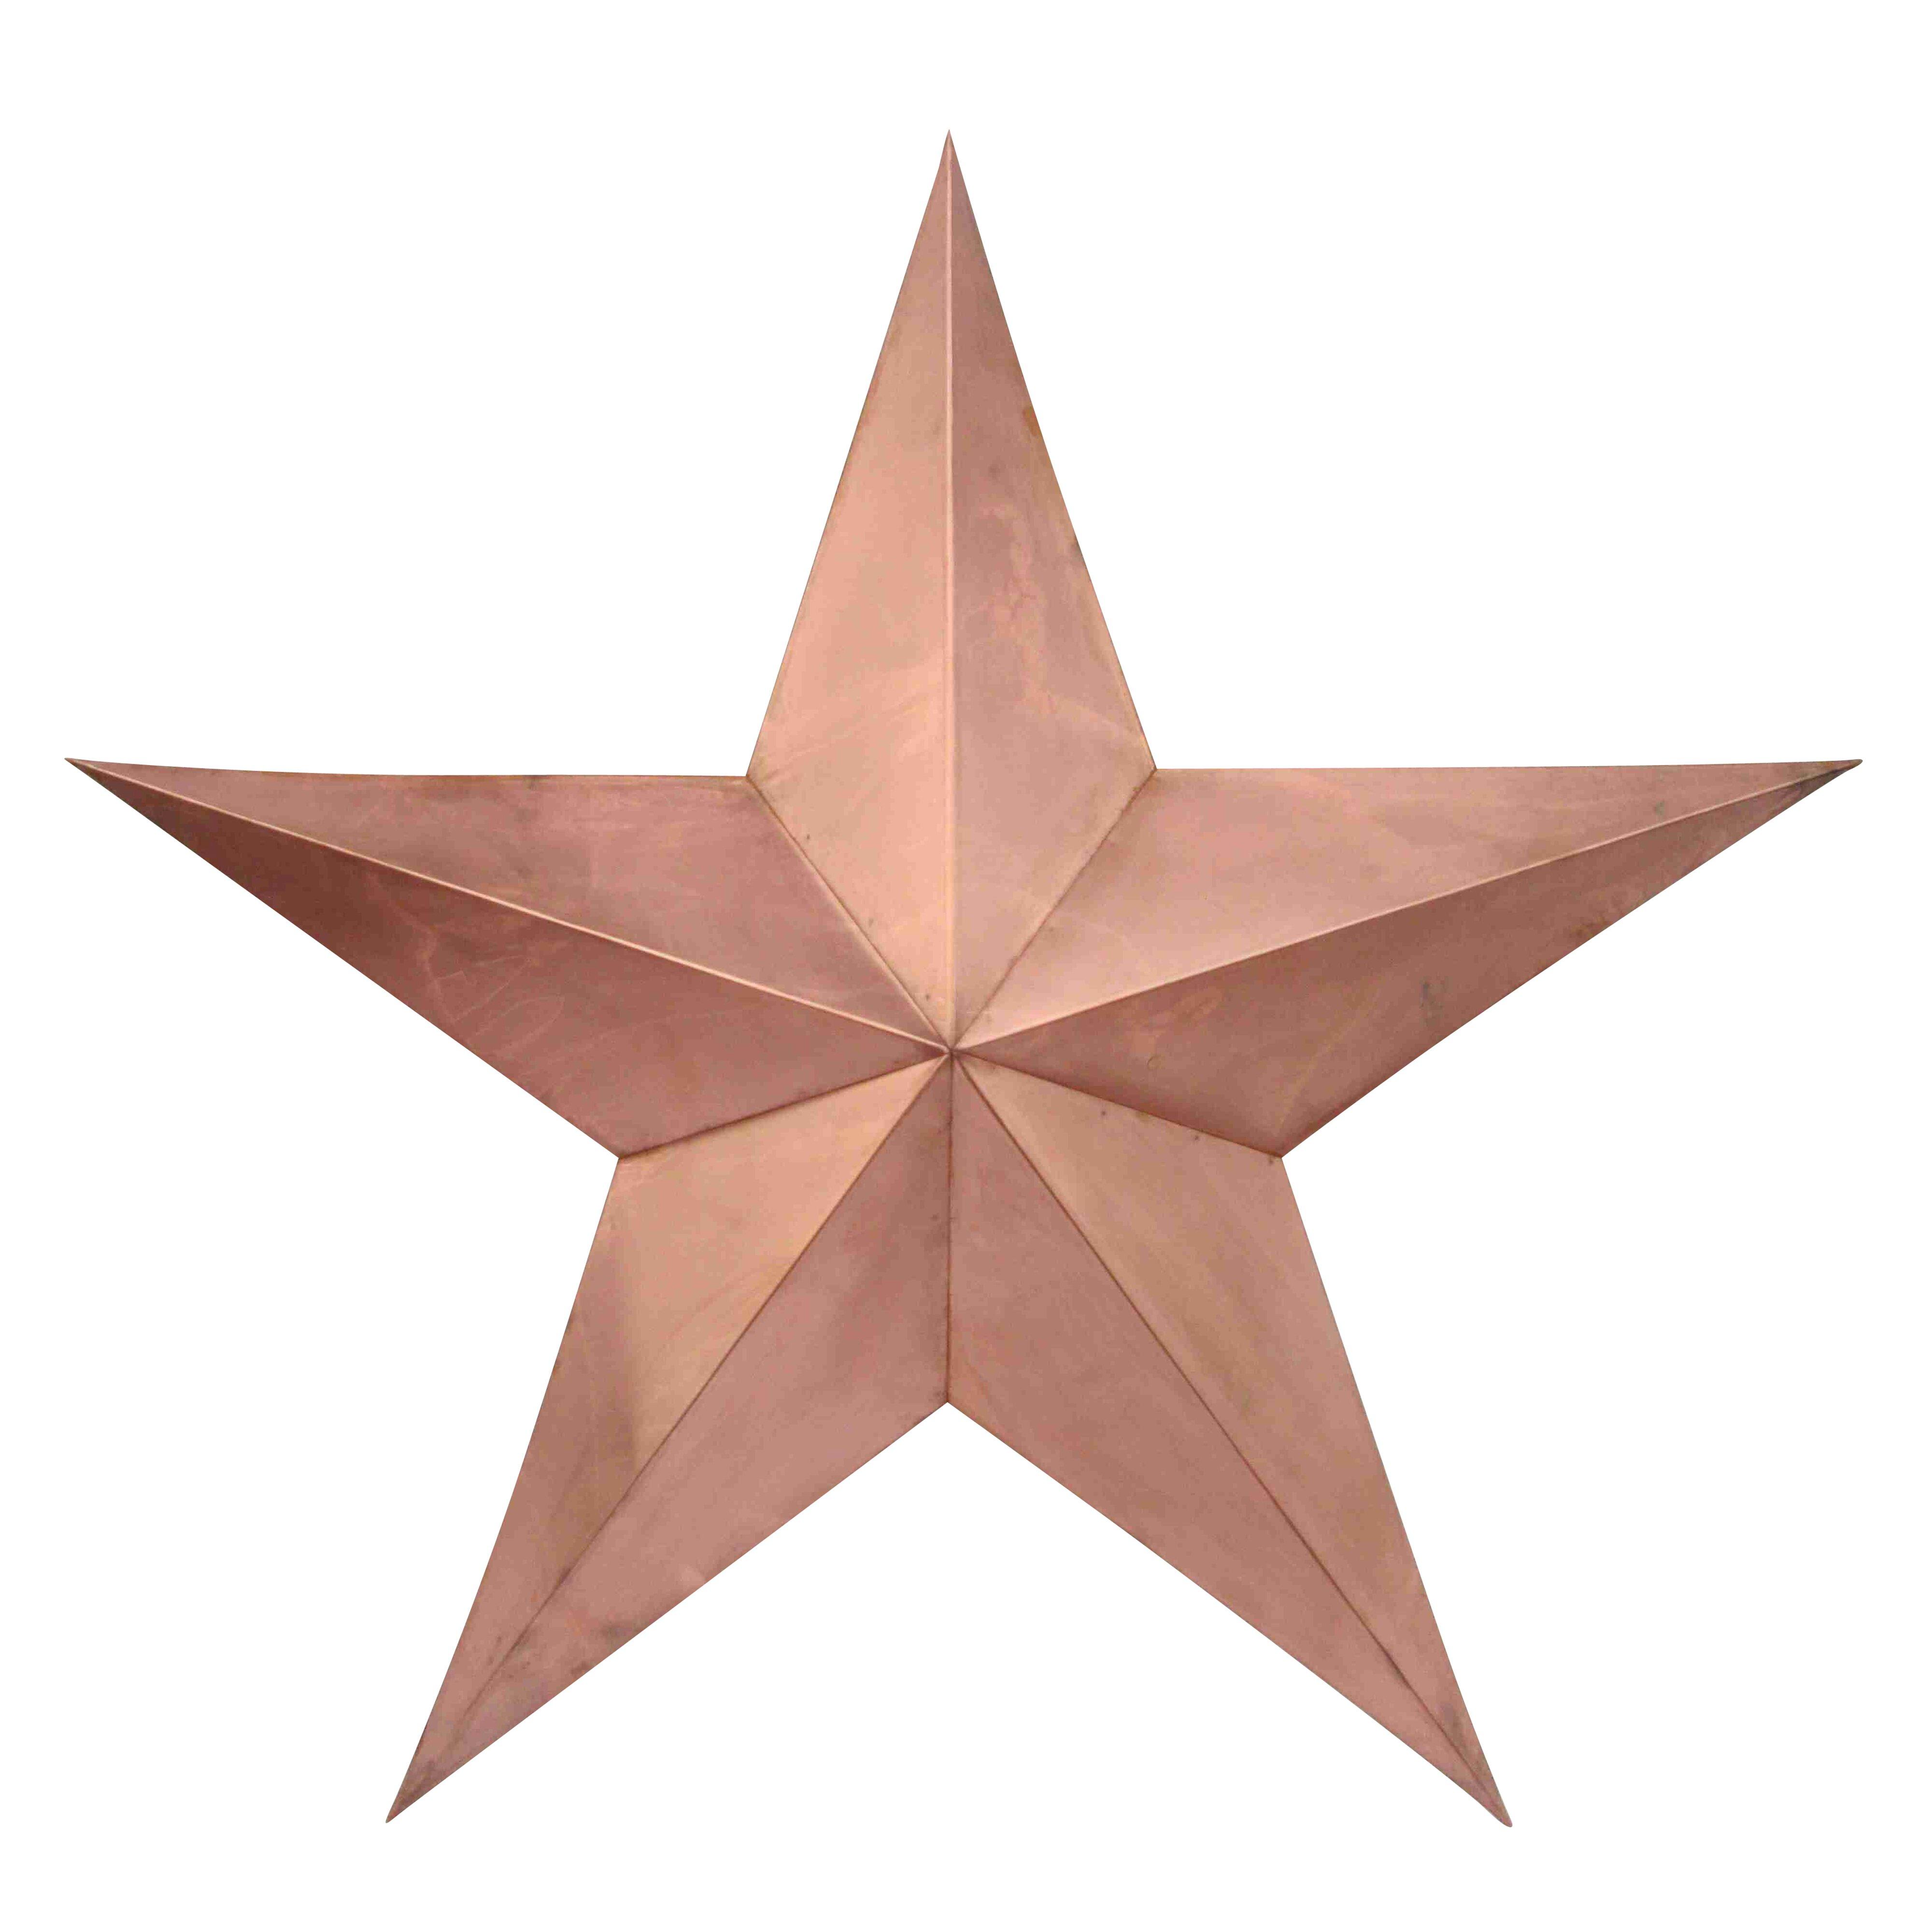 Glass Star Wall Decor : Craft outlet star wall d?cor reviews wayfair